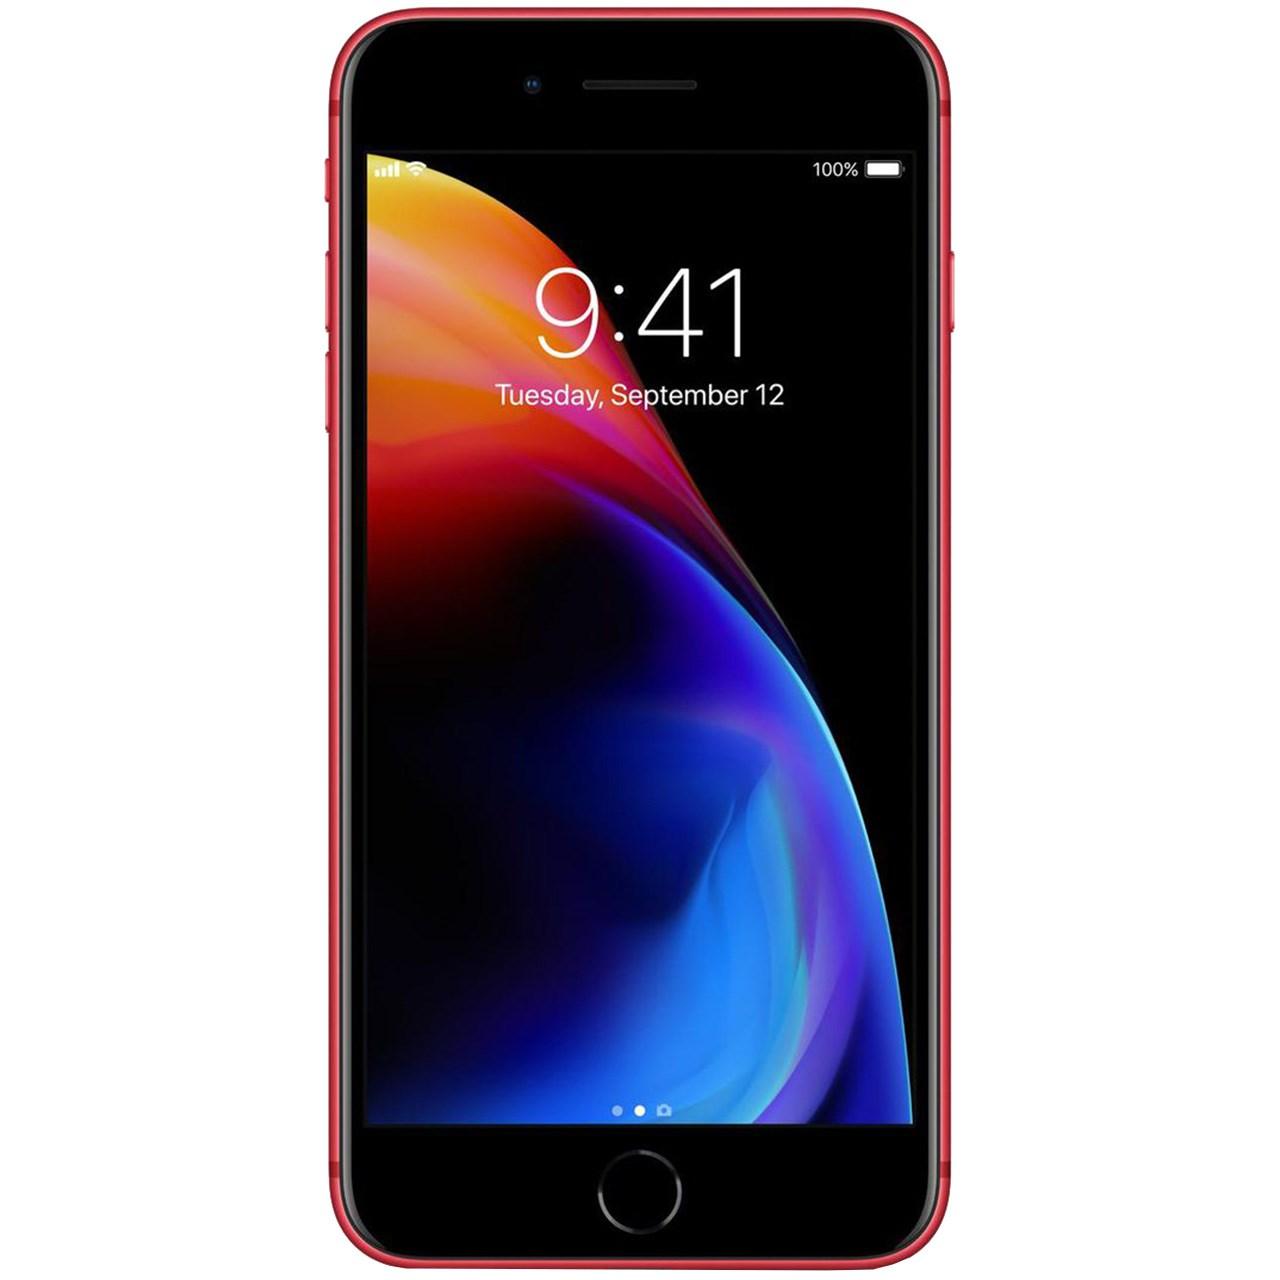 گوشی موبایل اپل مدل iPhone 8 (Product) Red ظرفیت 256 گیگابایت